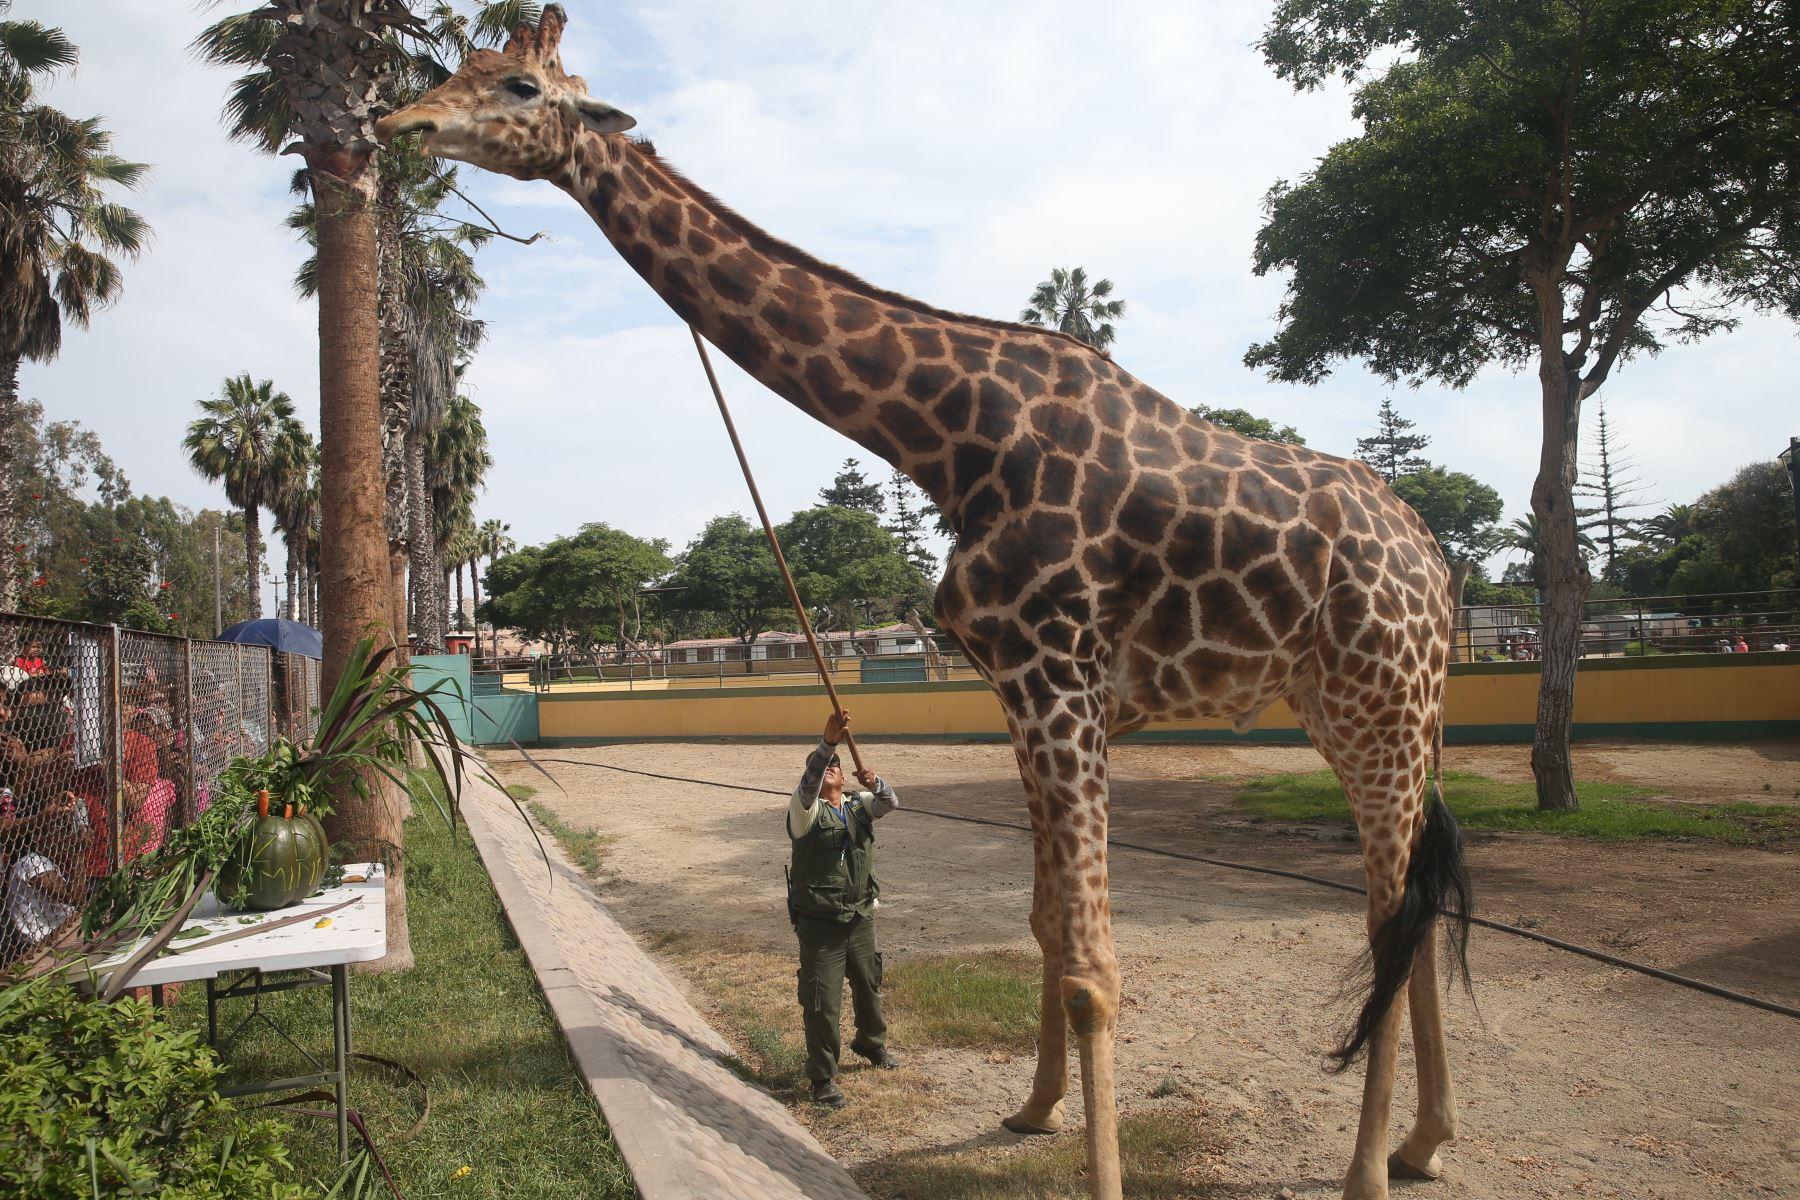 """Municipalidad de Lima, celebra el cumpleaños número 9 de la única jirafa llamado """" Domingo"""" que alberga el Parque de las Leyendas. Foto : ANDINA /Eddy Ramos"""